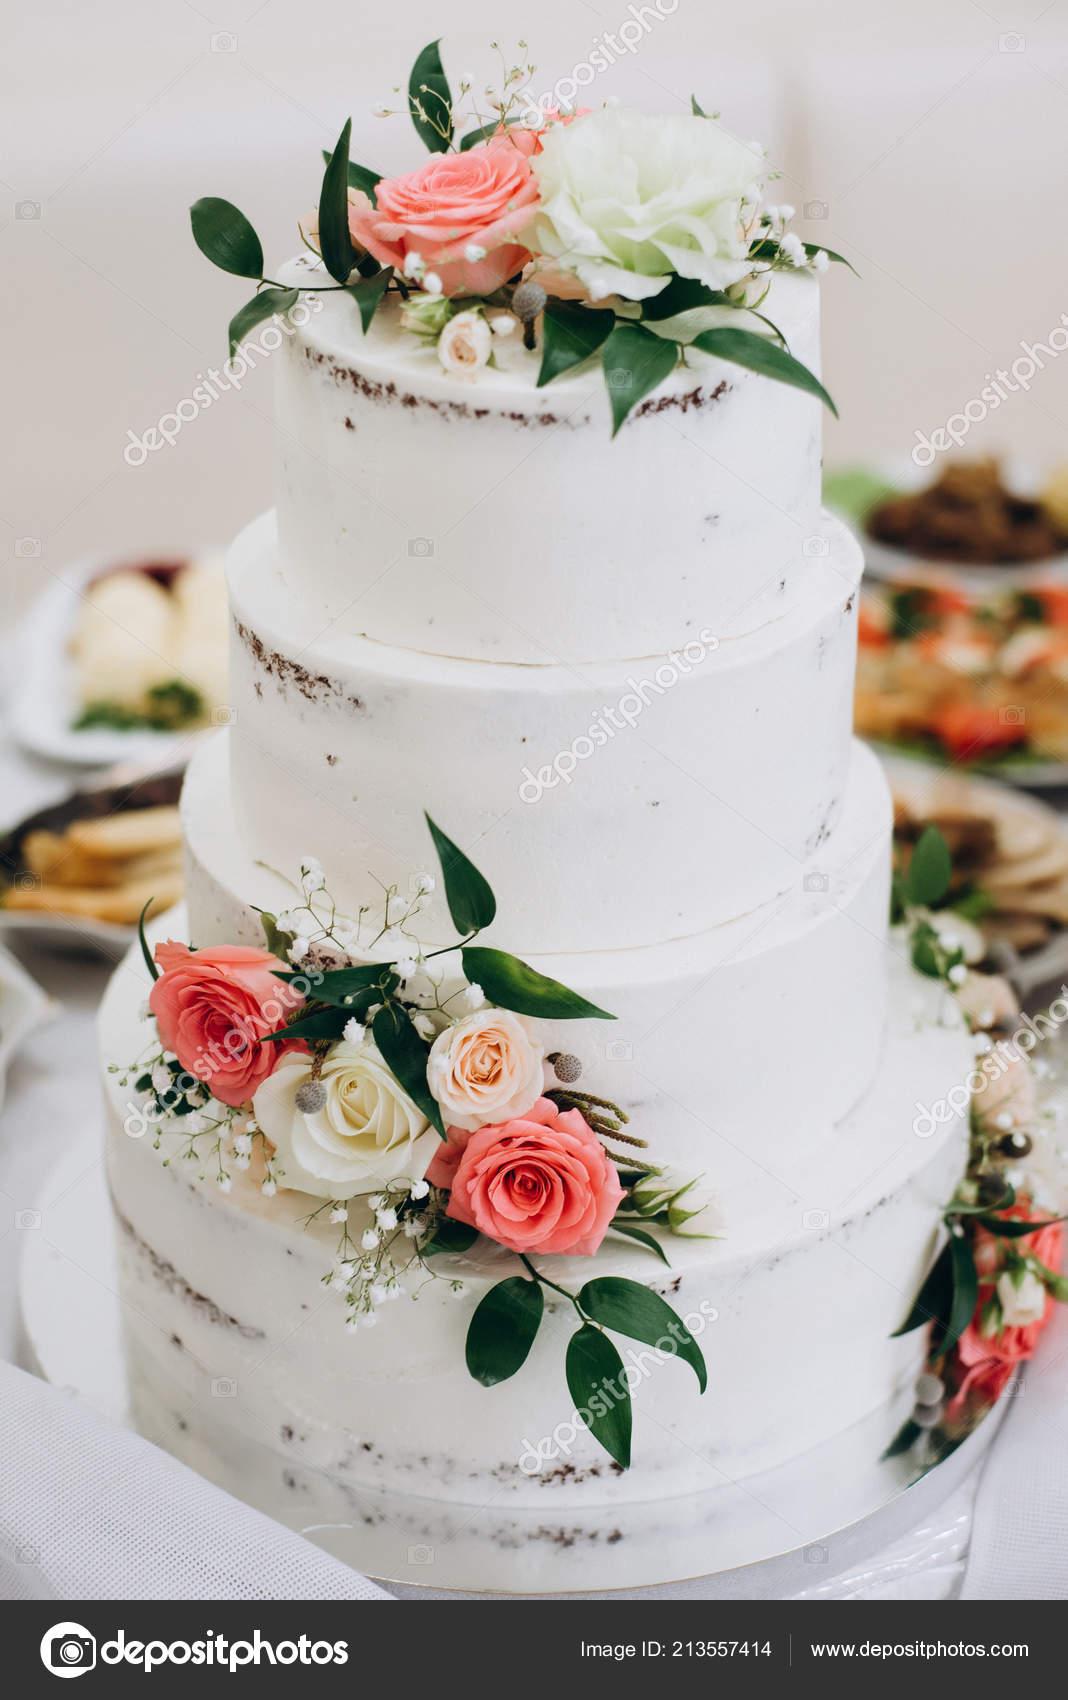 Wedding Cake Red White Flowers Stock Photo C Jurajarema 213557414